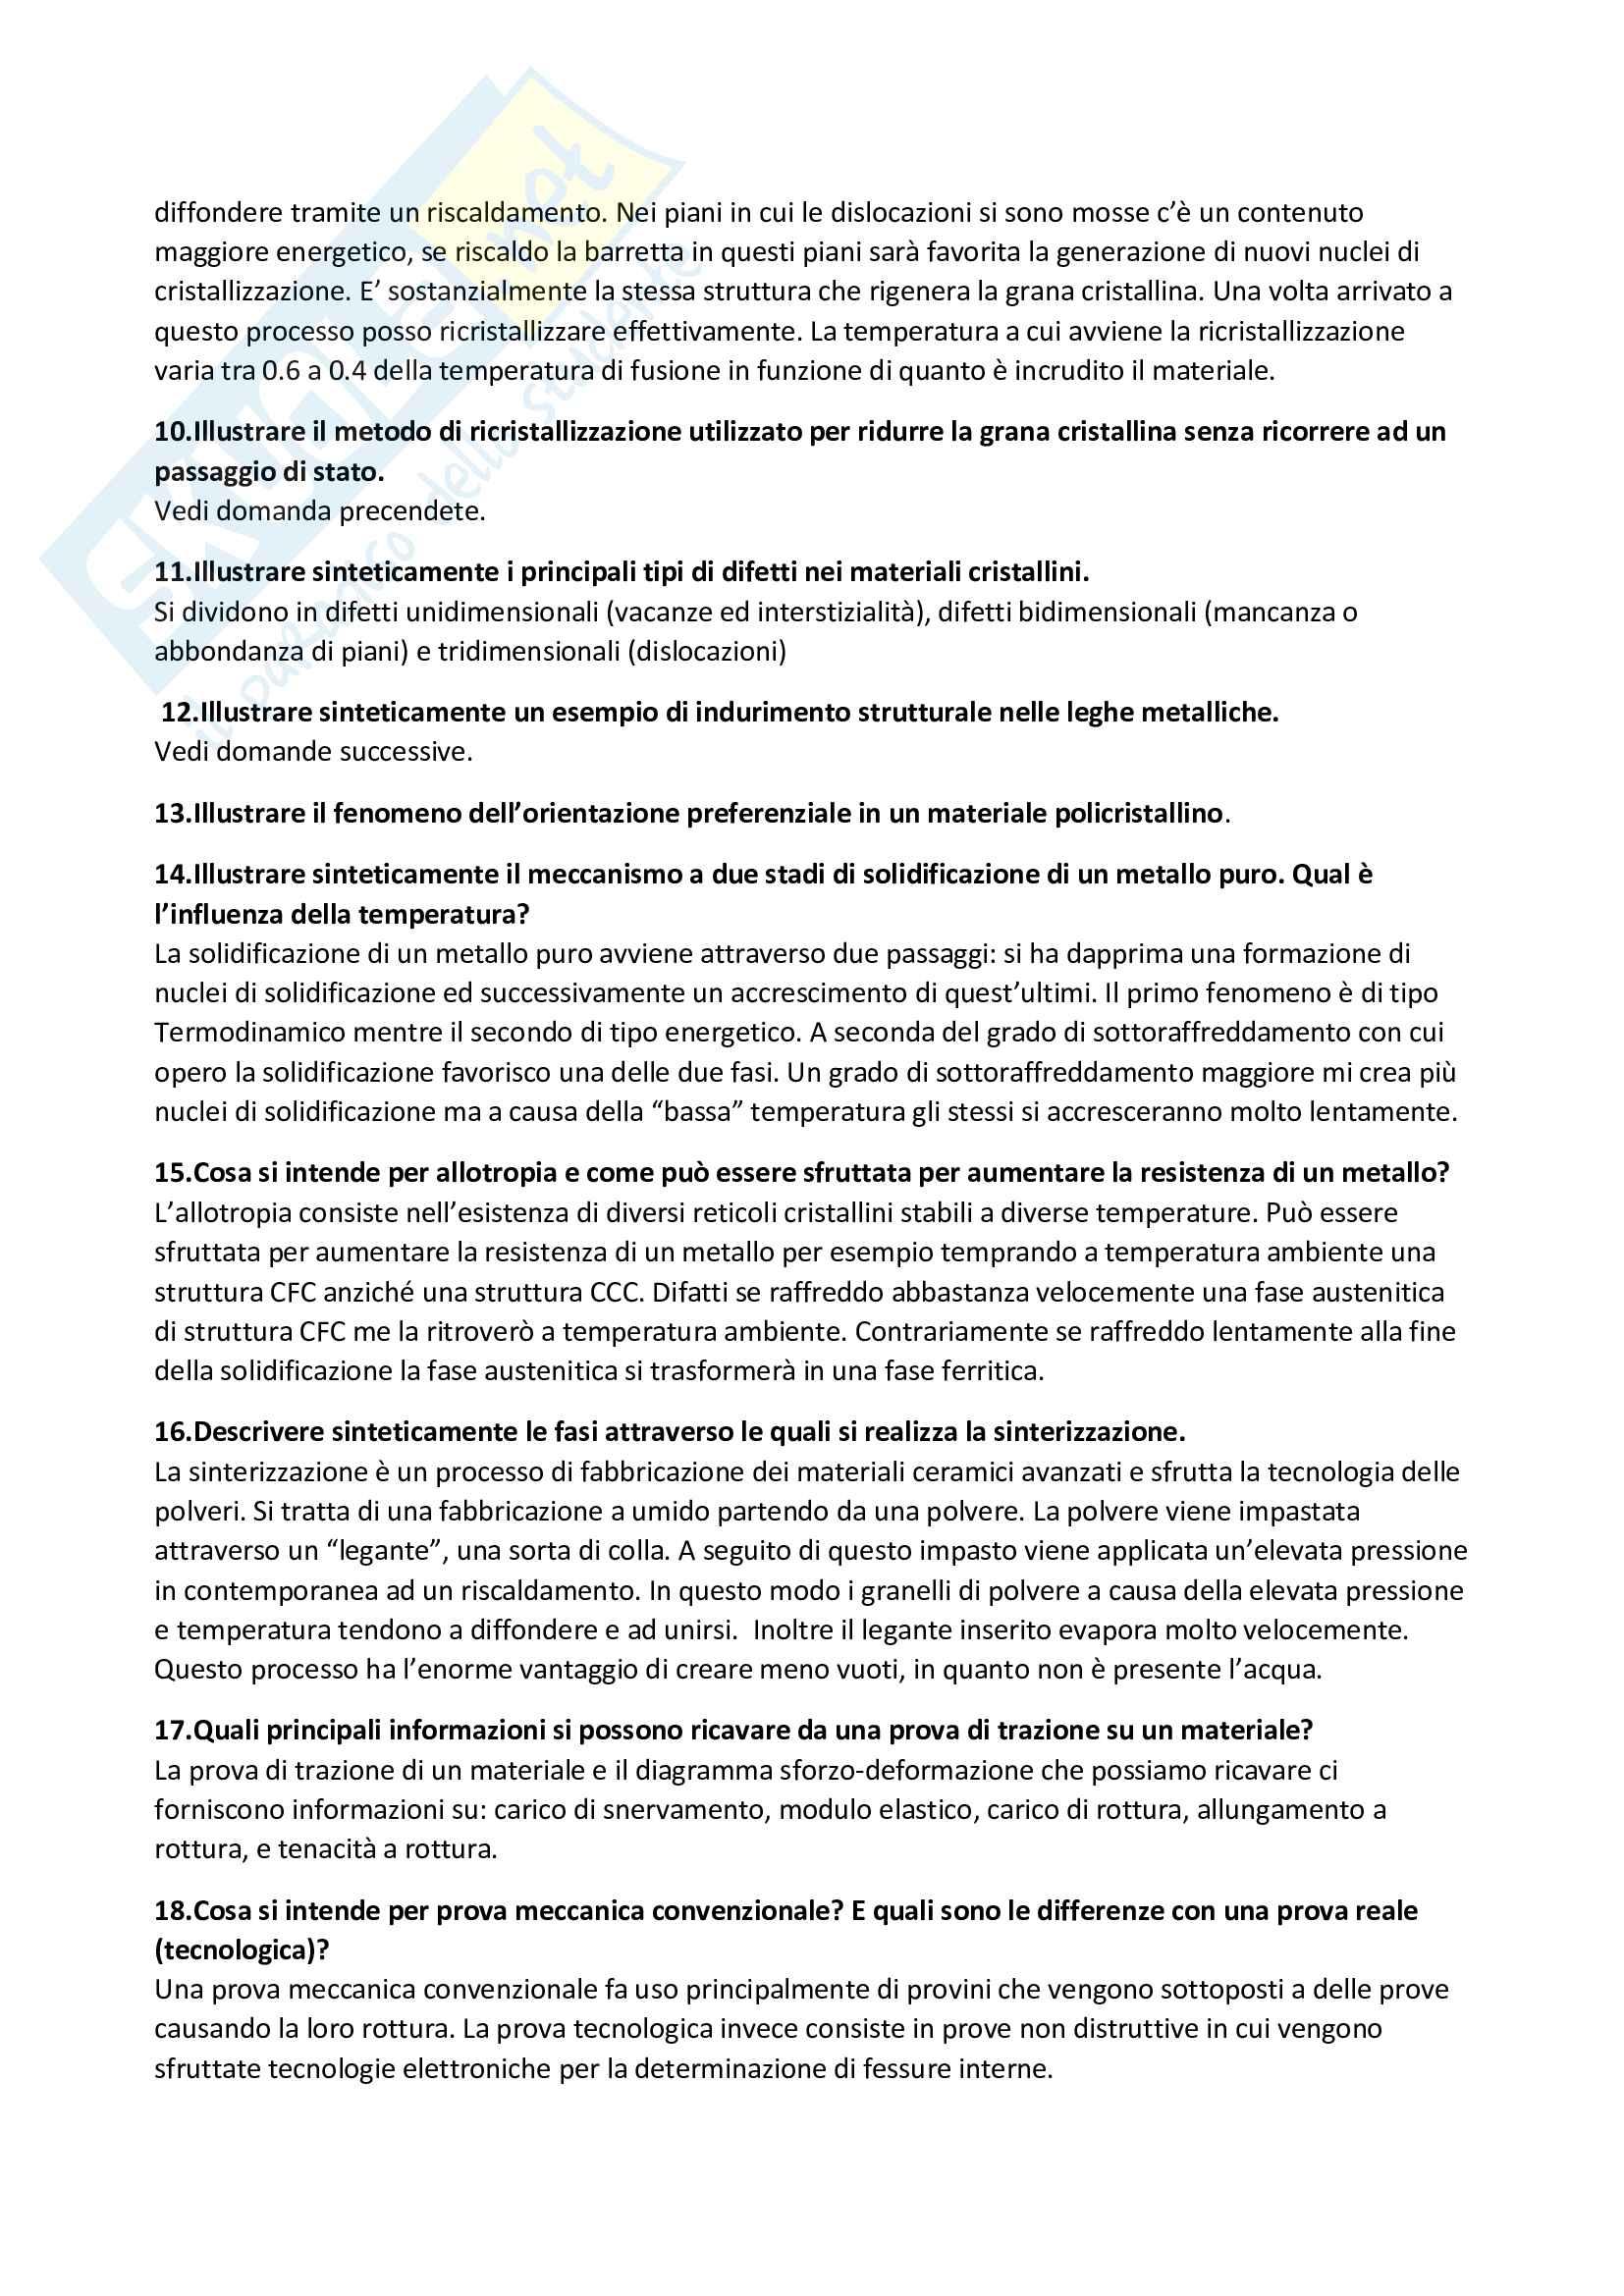 Domande e risposte Tecnologia dei materiali Pag. 2